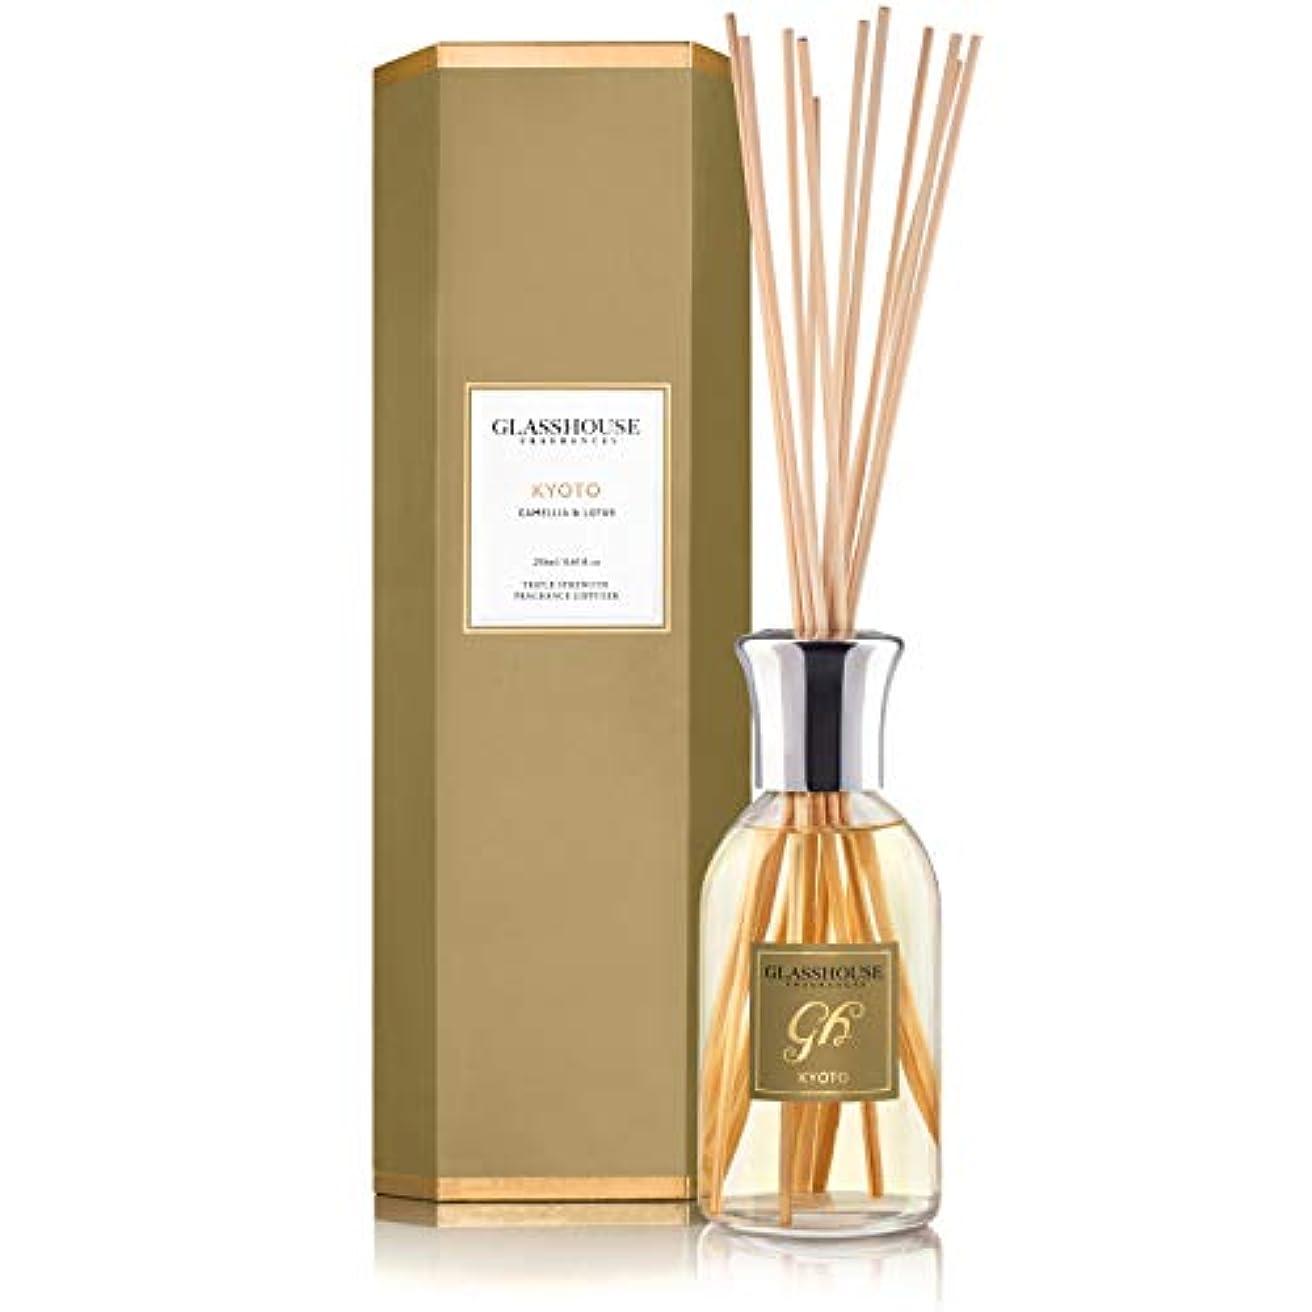 朝ごはんピニオンフィールドグラスハウス Triple Strength Fragrance Diffuser - Kyoto (Camellia & Lotus) 250ml/8.45oz並行輸入品